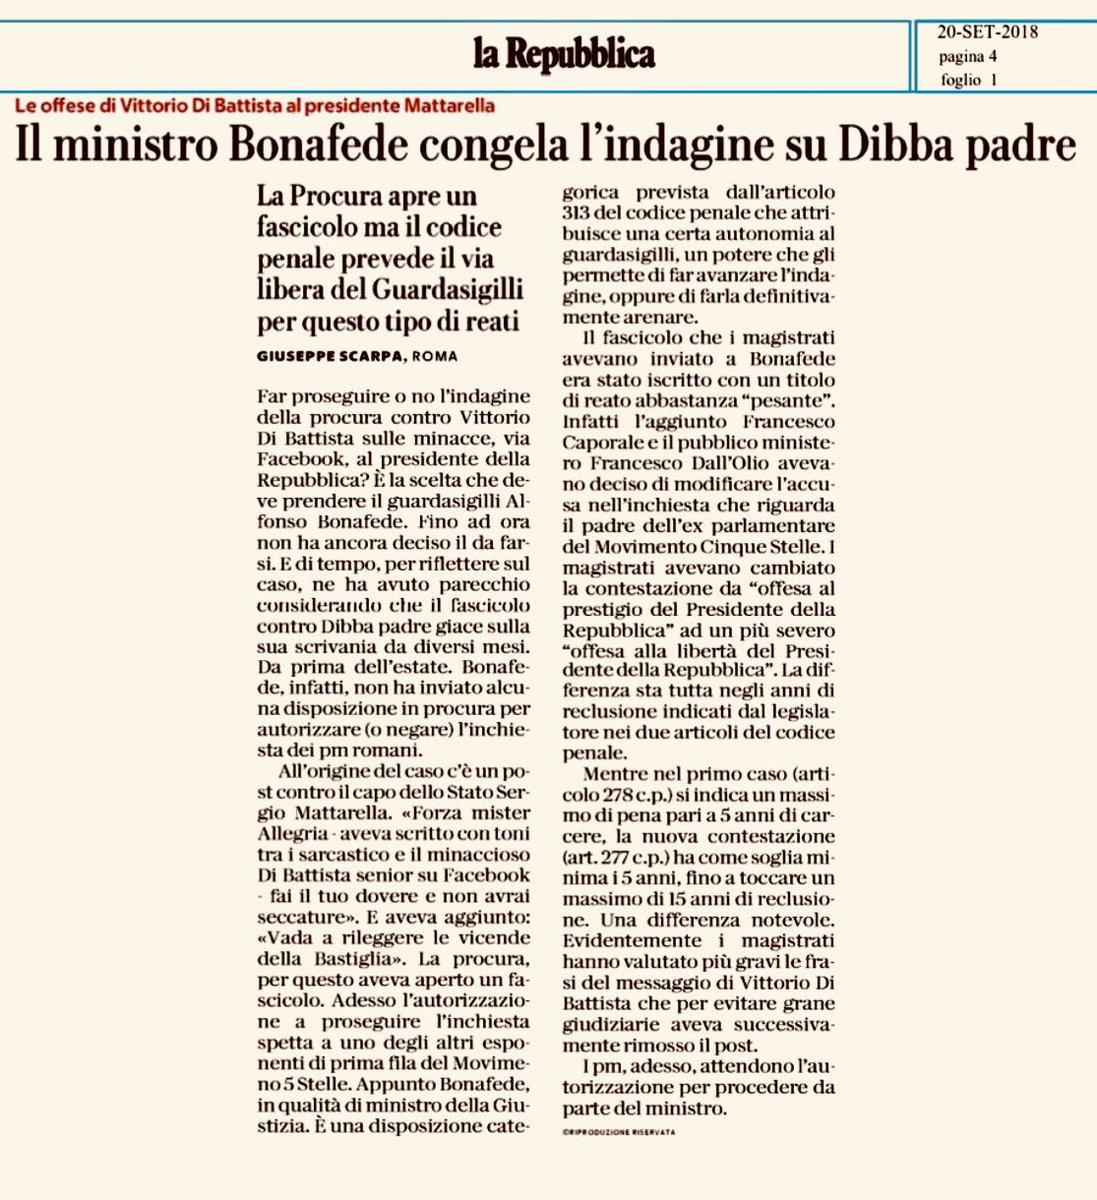 il padre di #DiBattista con un post aveva minacciato il Presidente #Mattarella. Un fatto molto grave. Ora il ministro @AlfonsoBonafede di #M5S cui spetta il potere di far proseguire le indagini 'traccheggia' e perde tempo. Perché? Non erano loro che gridavano #honestà? #vergogna  - Ukustom